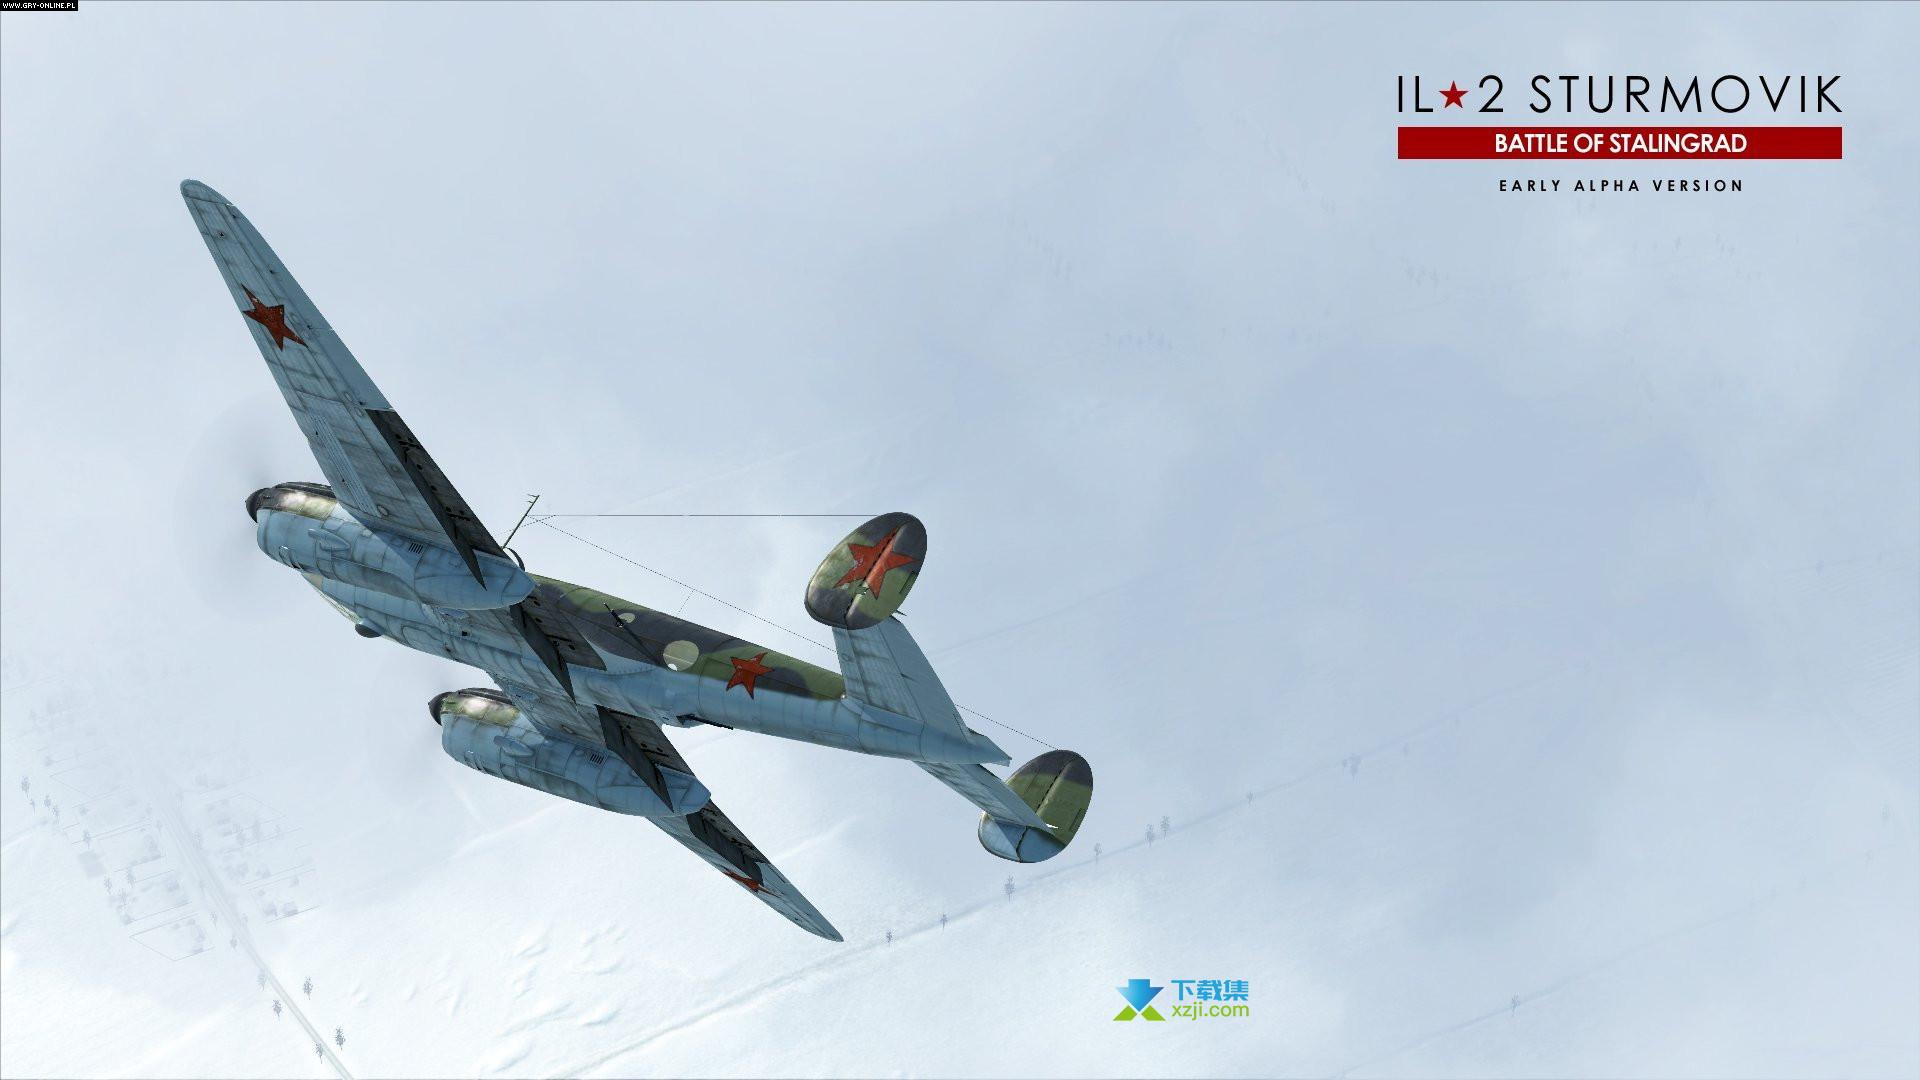 捍卫雄鹰IL-2斯大林格勒战役界面3